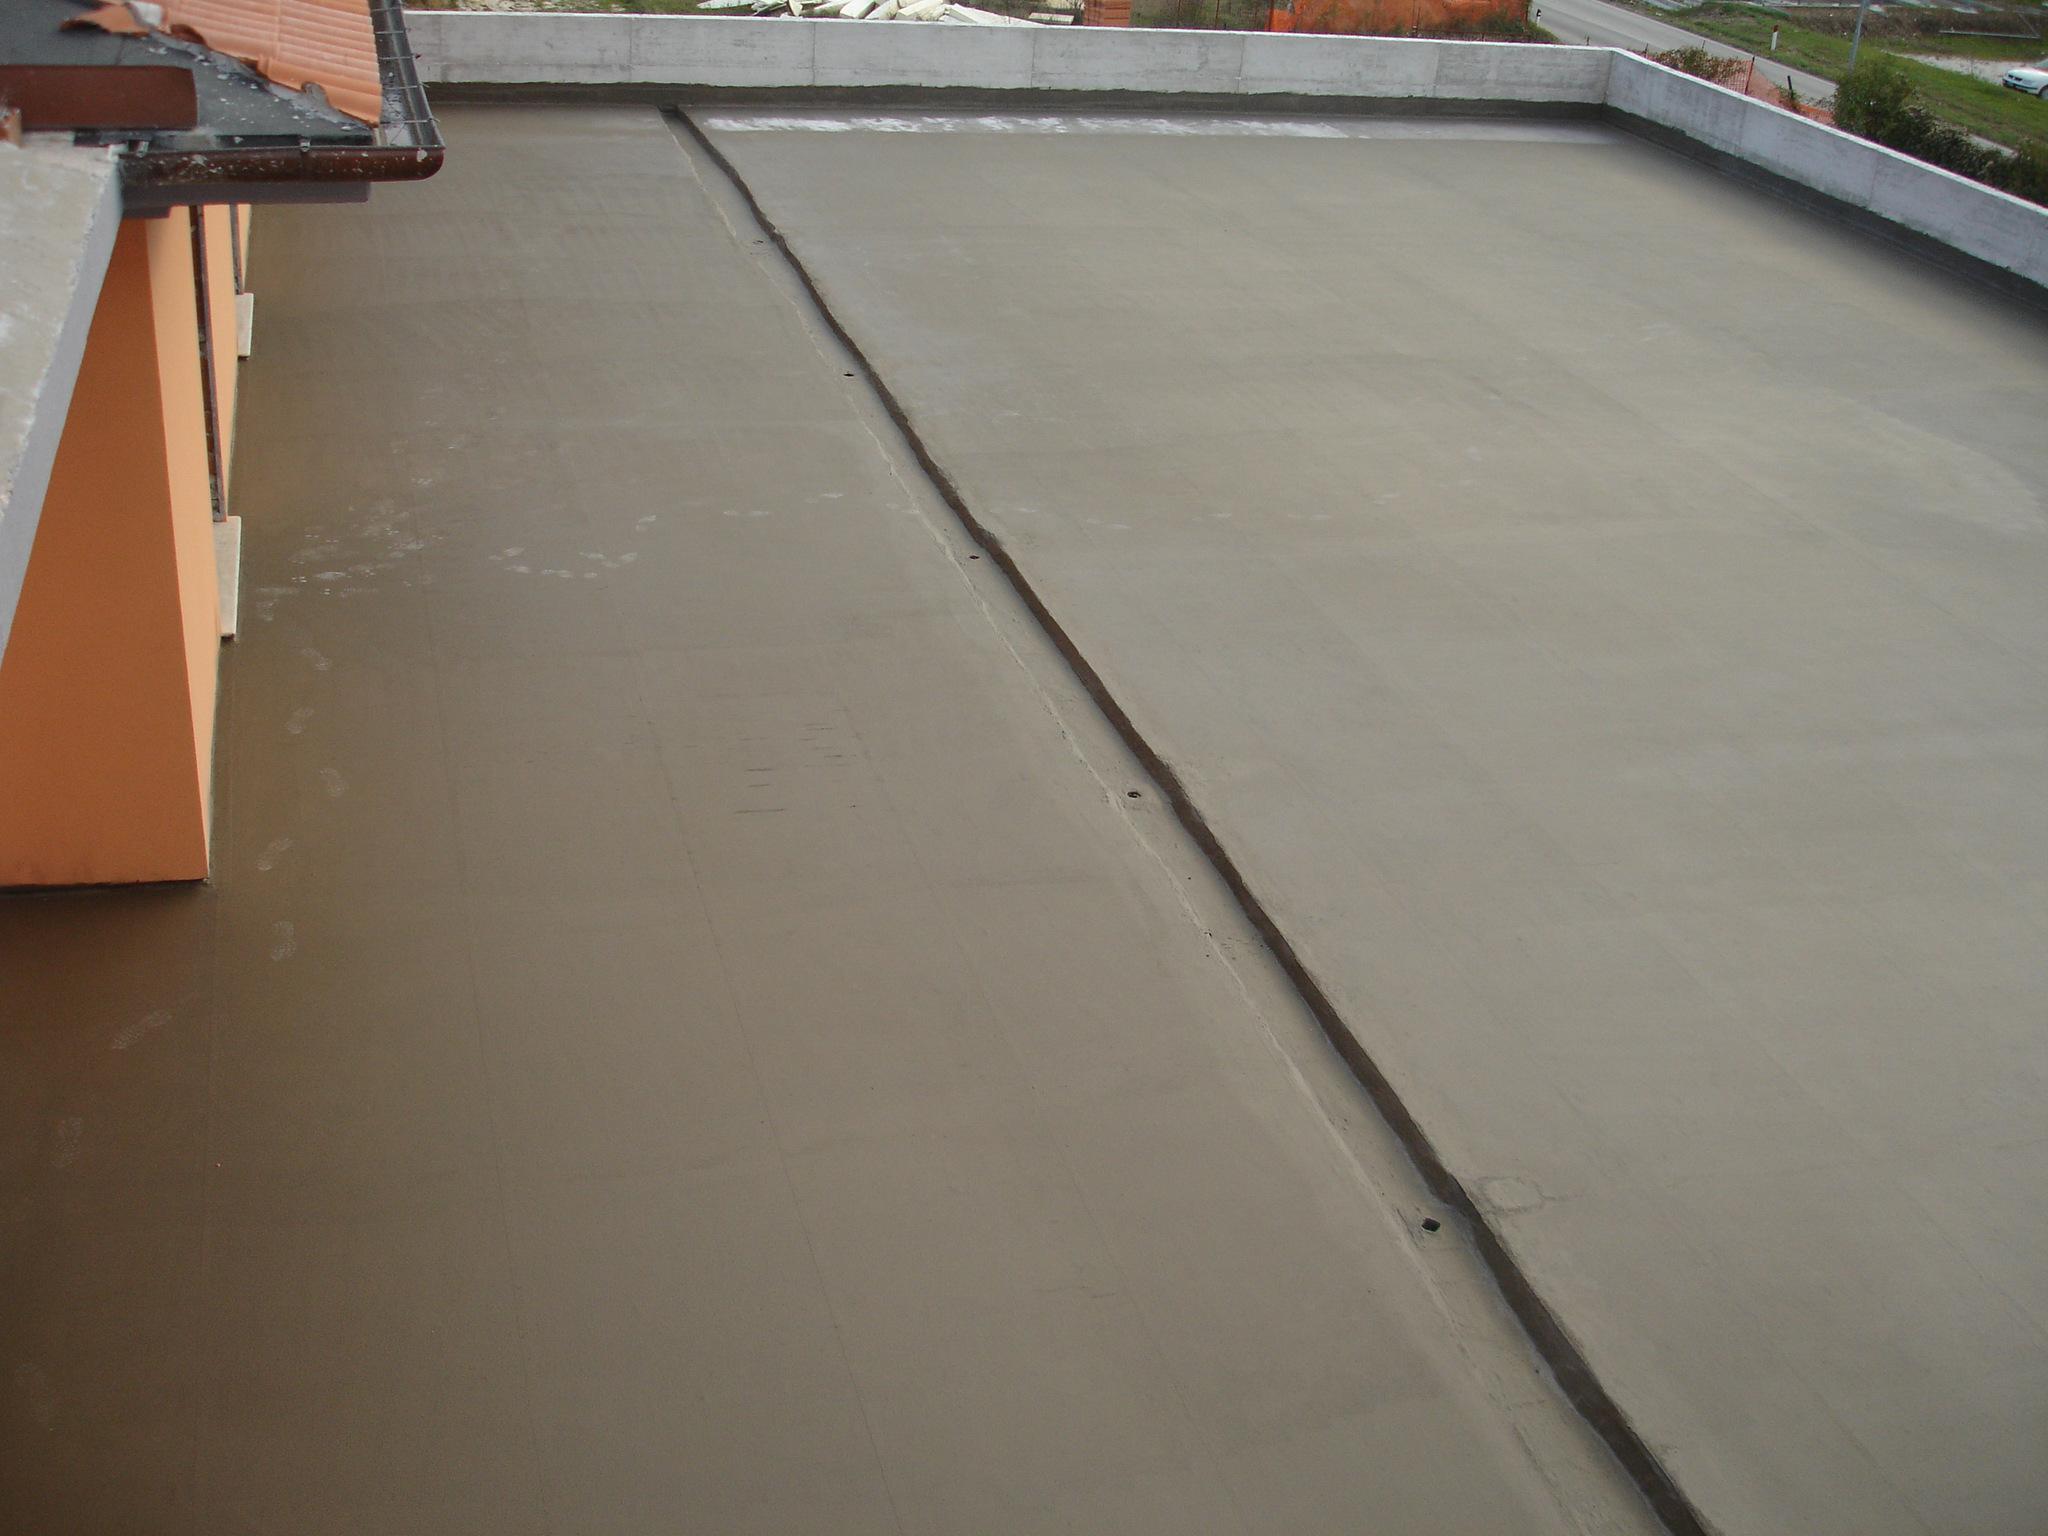 Cómo aplicar cemento elástico para impermeabilizar terrazas y techos